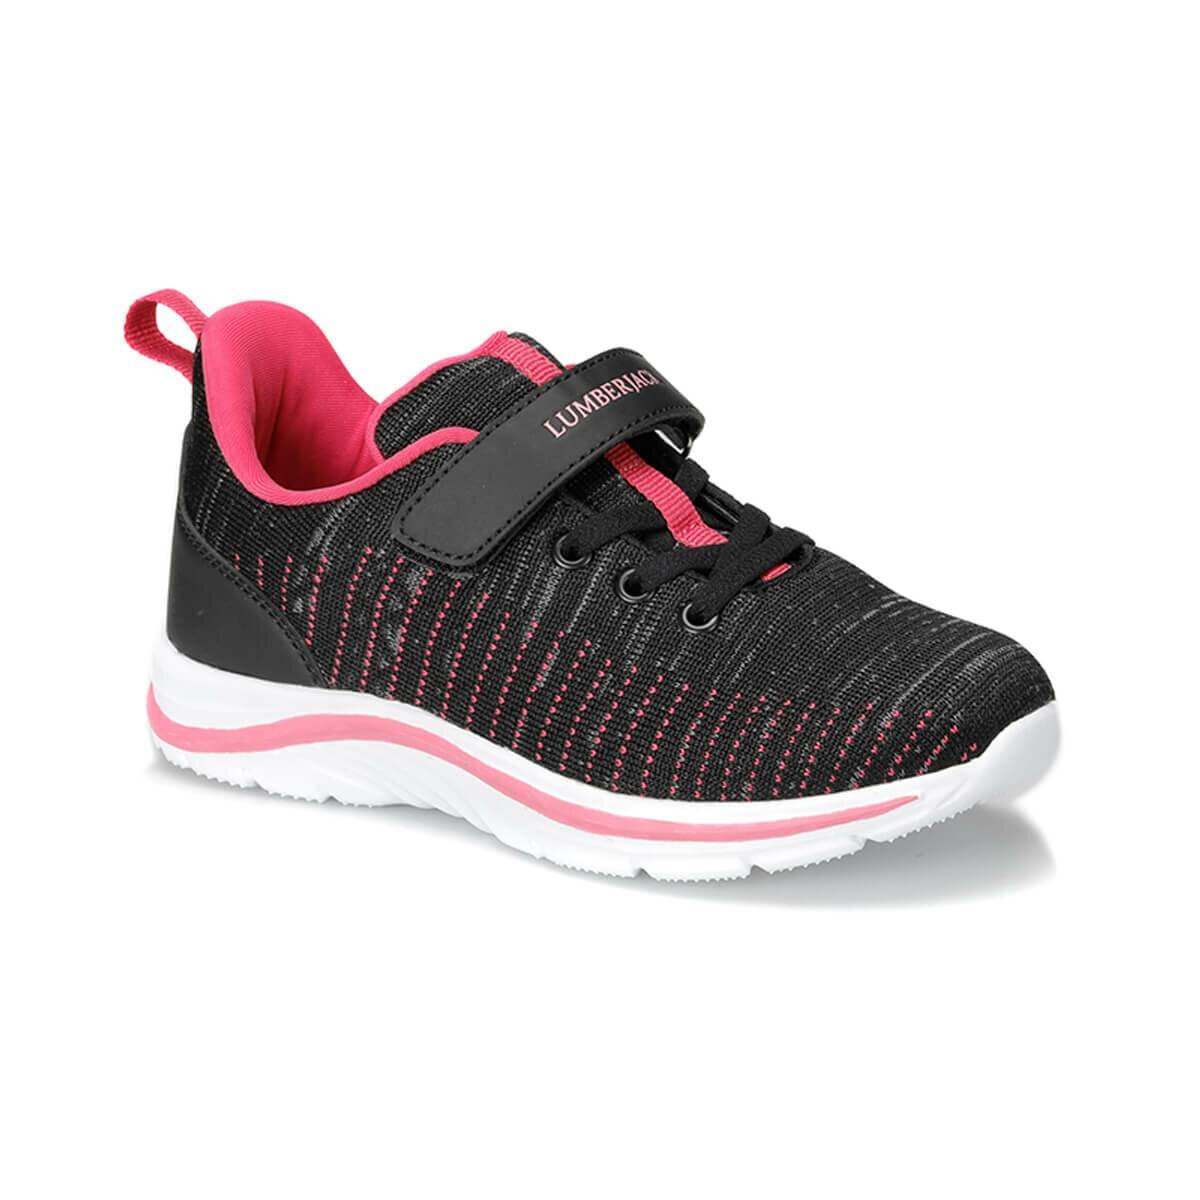 FLO GIRLS 9PR Black Female Child Running Shoe LUMBERJACK